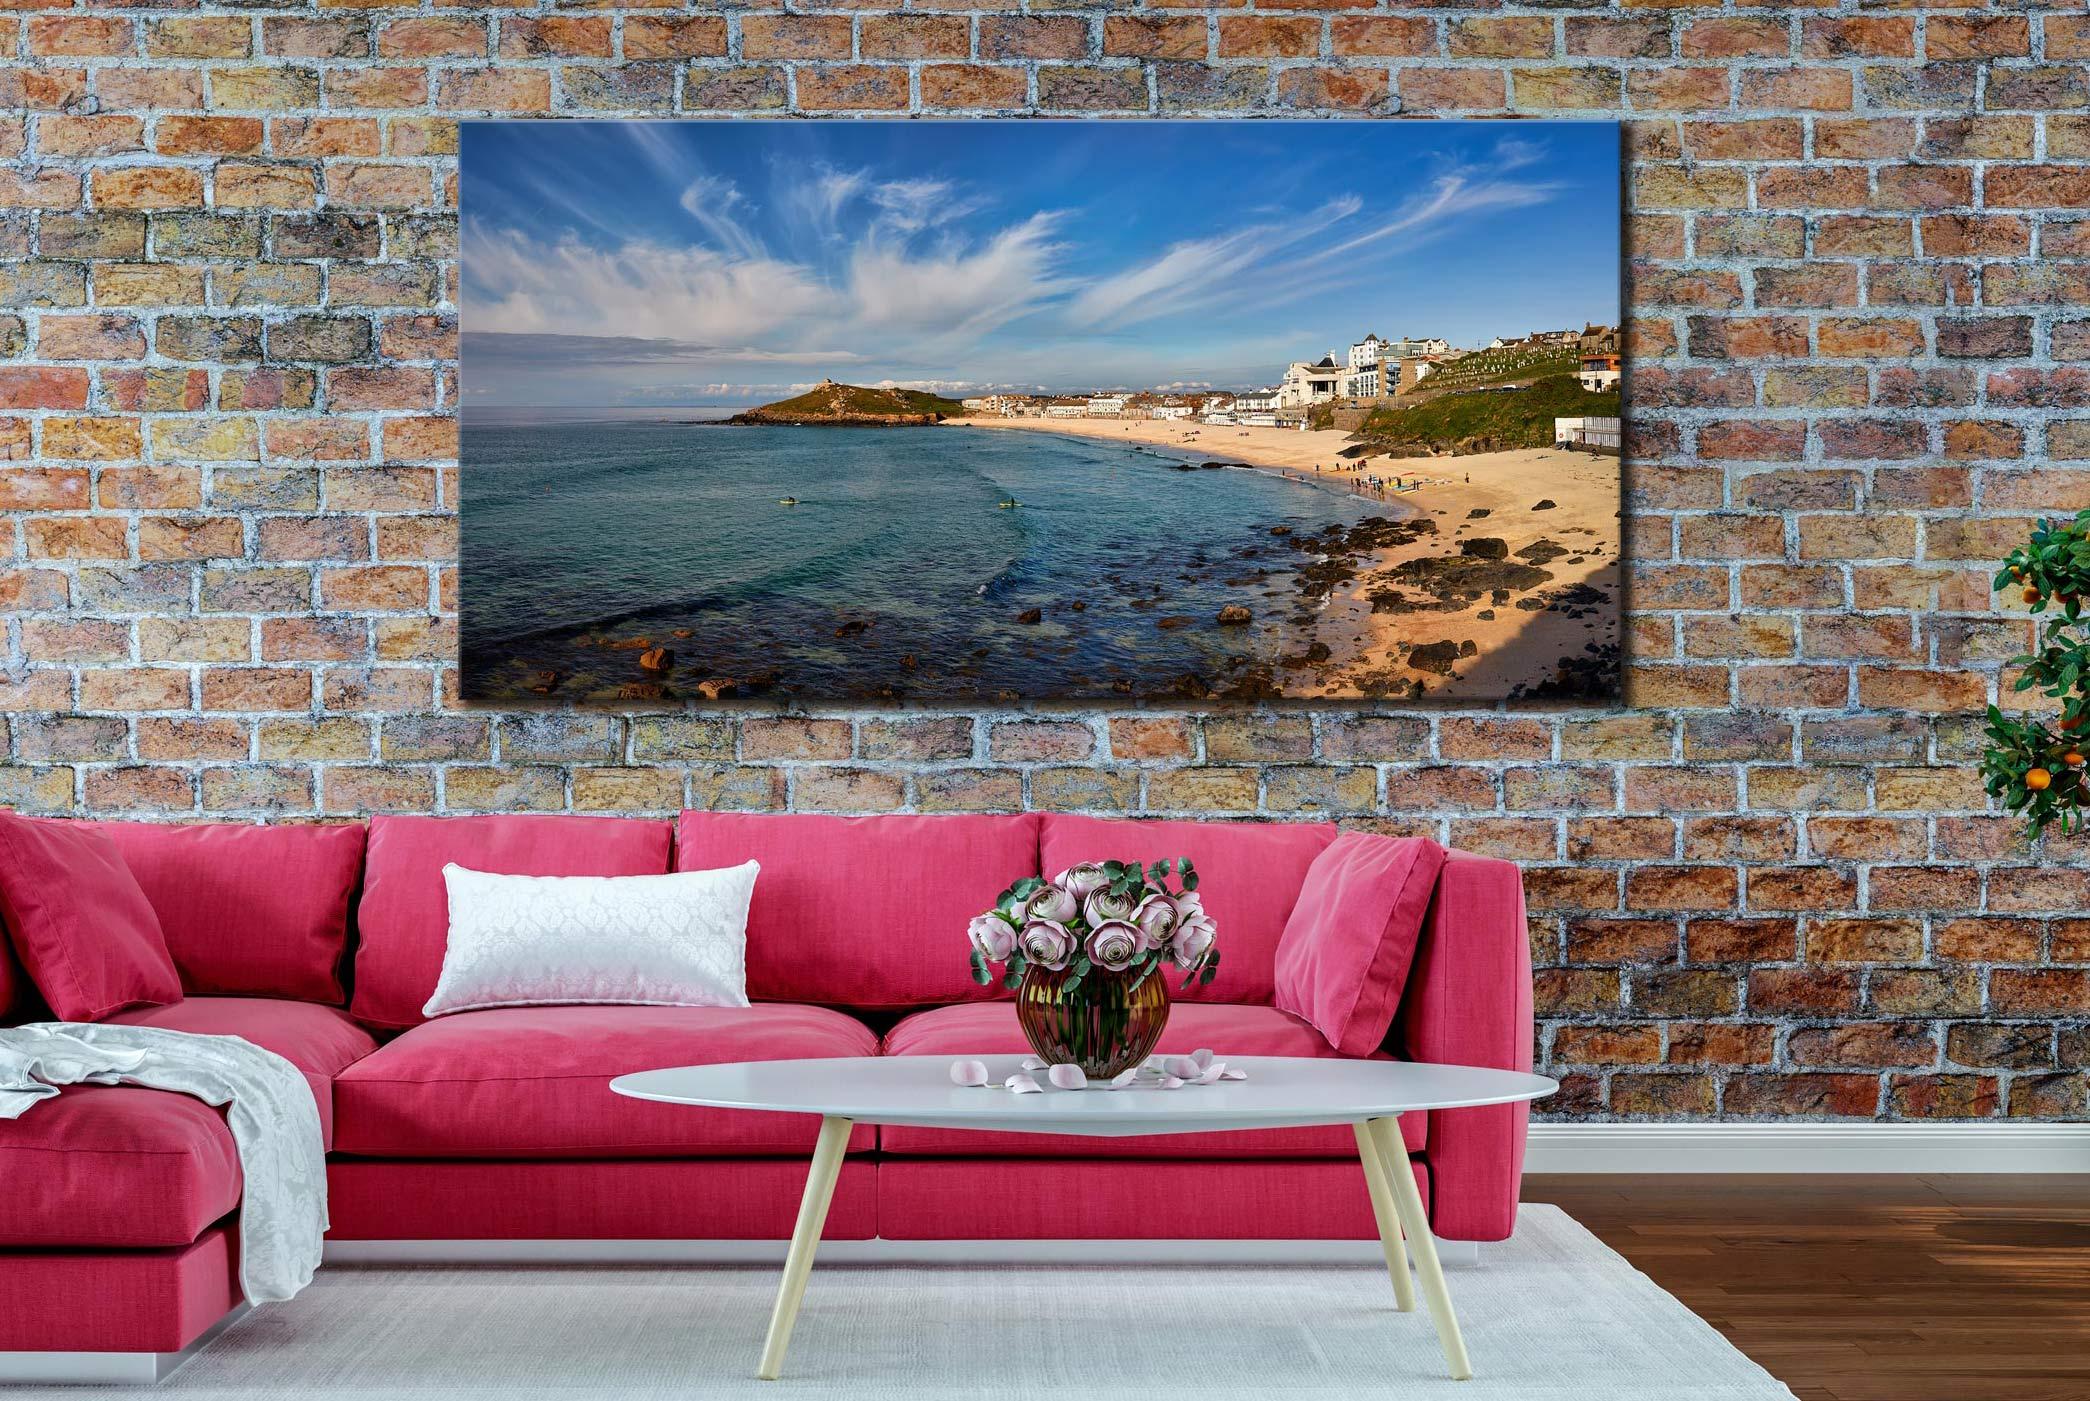 Porthmeor Beach Green Ocean - Canvas Print on Wall